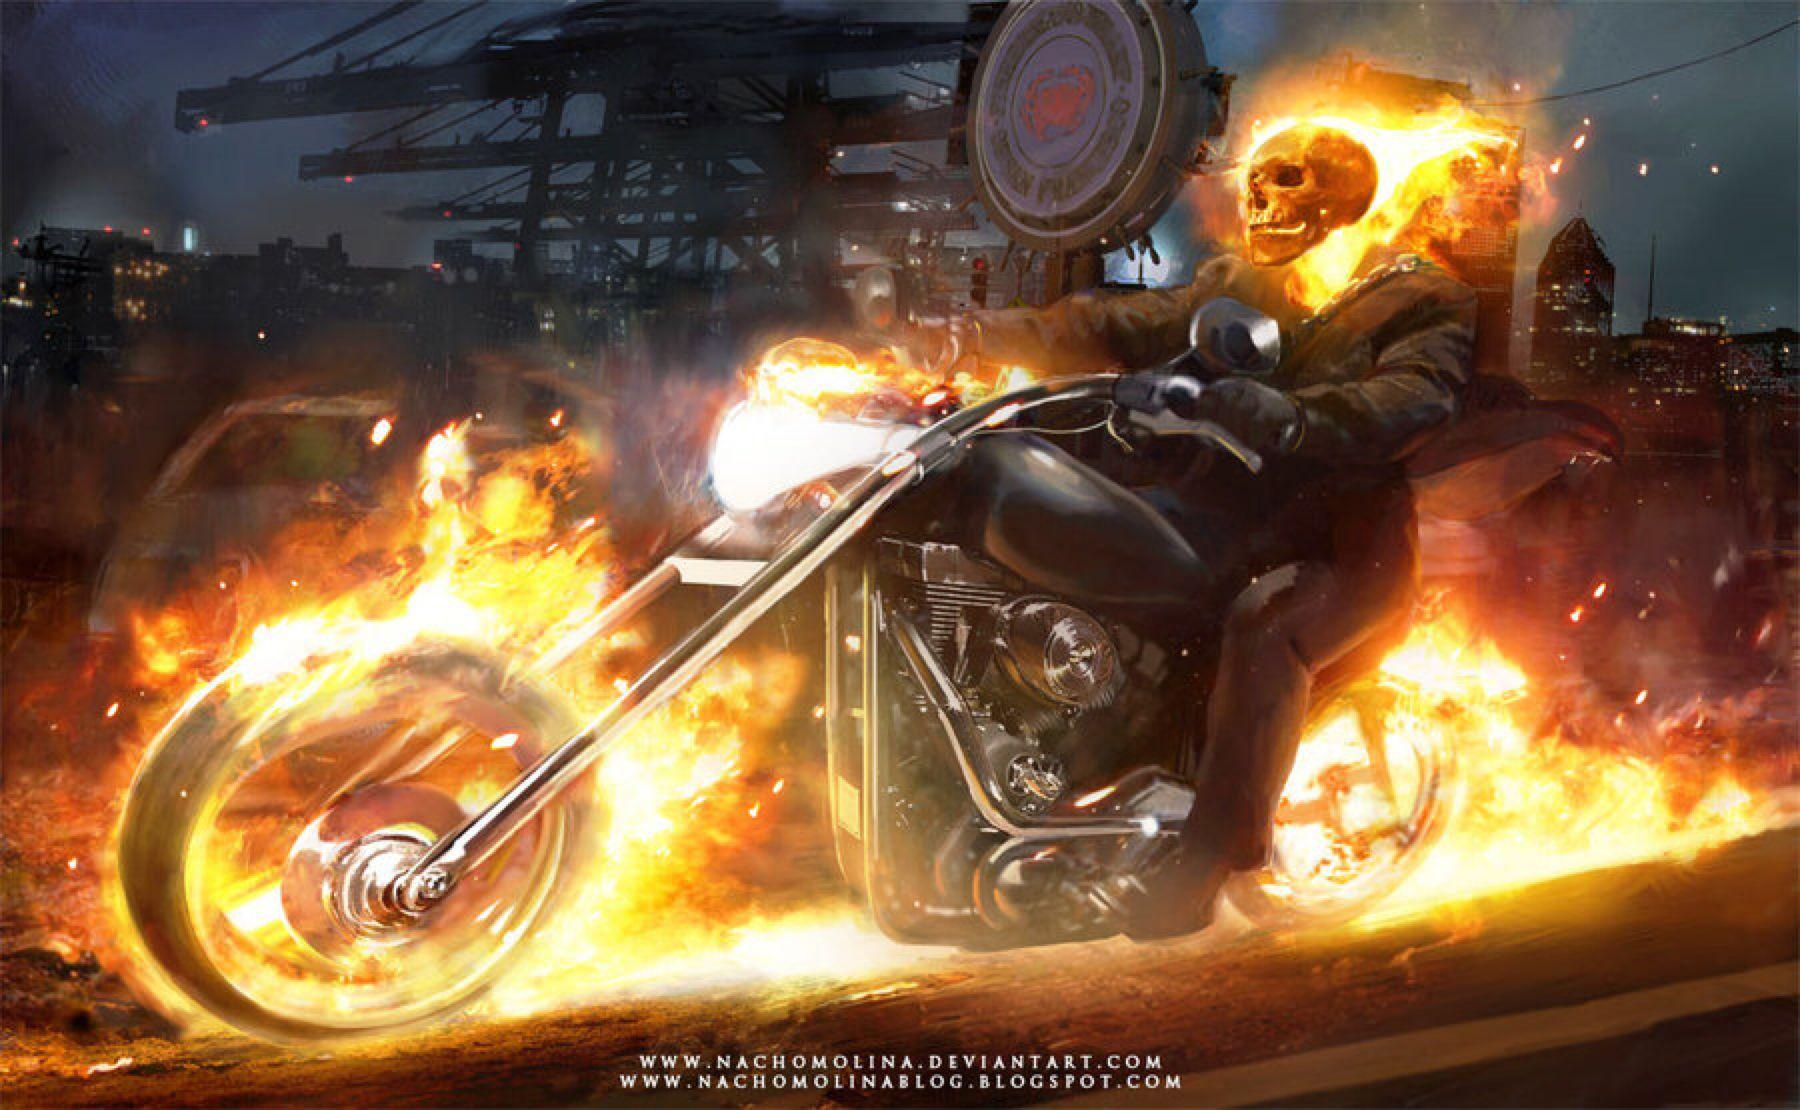 Ghost Rider Ghost Rider Ghost Rider Bike Ghost Rider Marvel Ghost rider spirit of vengeance game